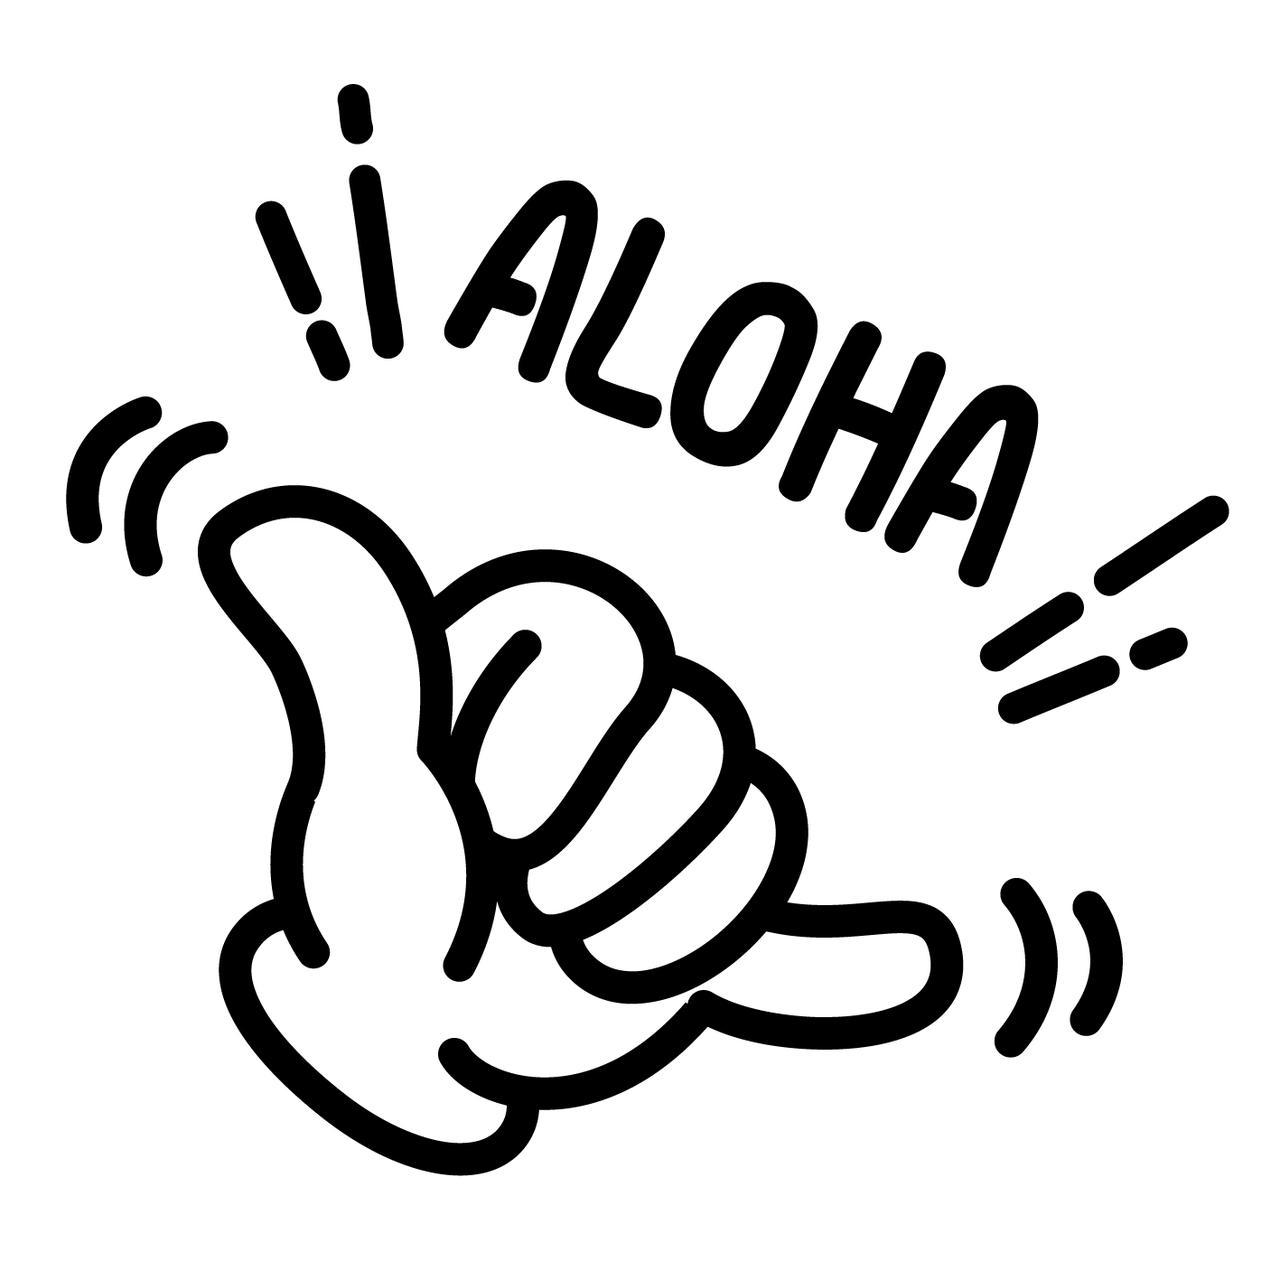 画像13: 〔添乗員ブログ〕楽園ハワイの横顔・歴史旅<第1回> 『南の楽園ハワイの戦国武将!?カメハメハ大王とハワイ王国・前編』 【好奇心で旅する海外】<歴史の時間>